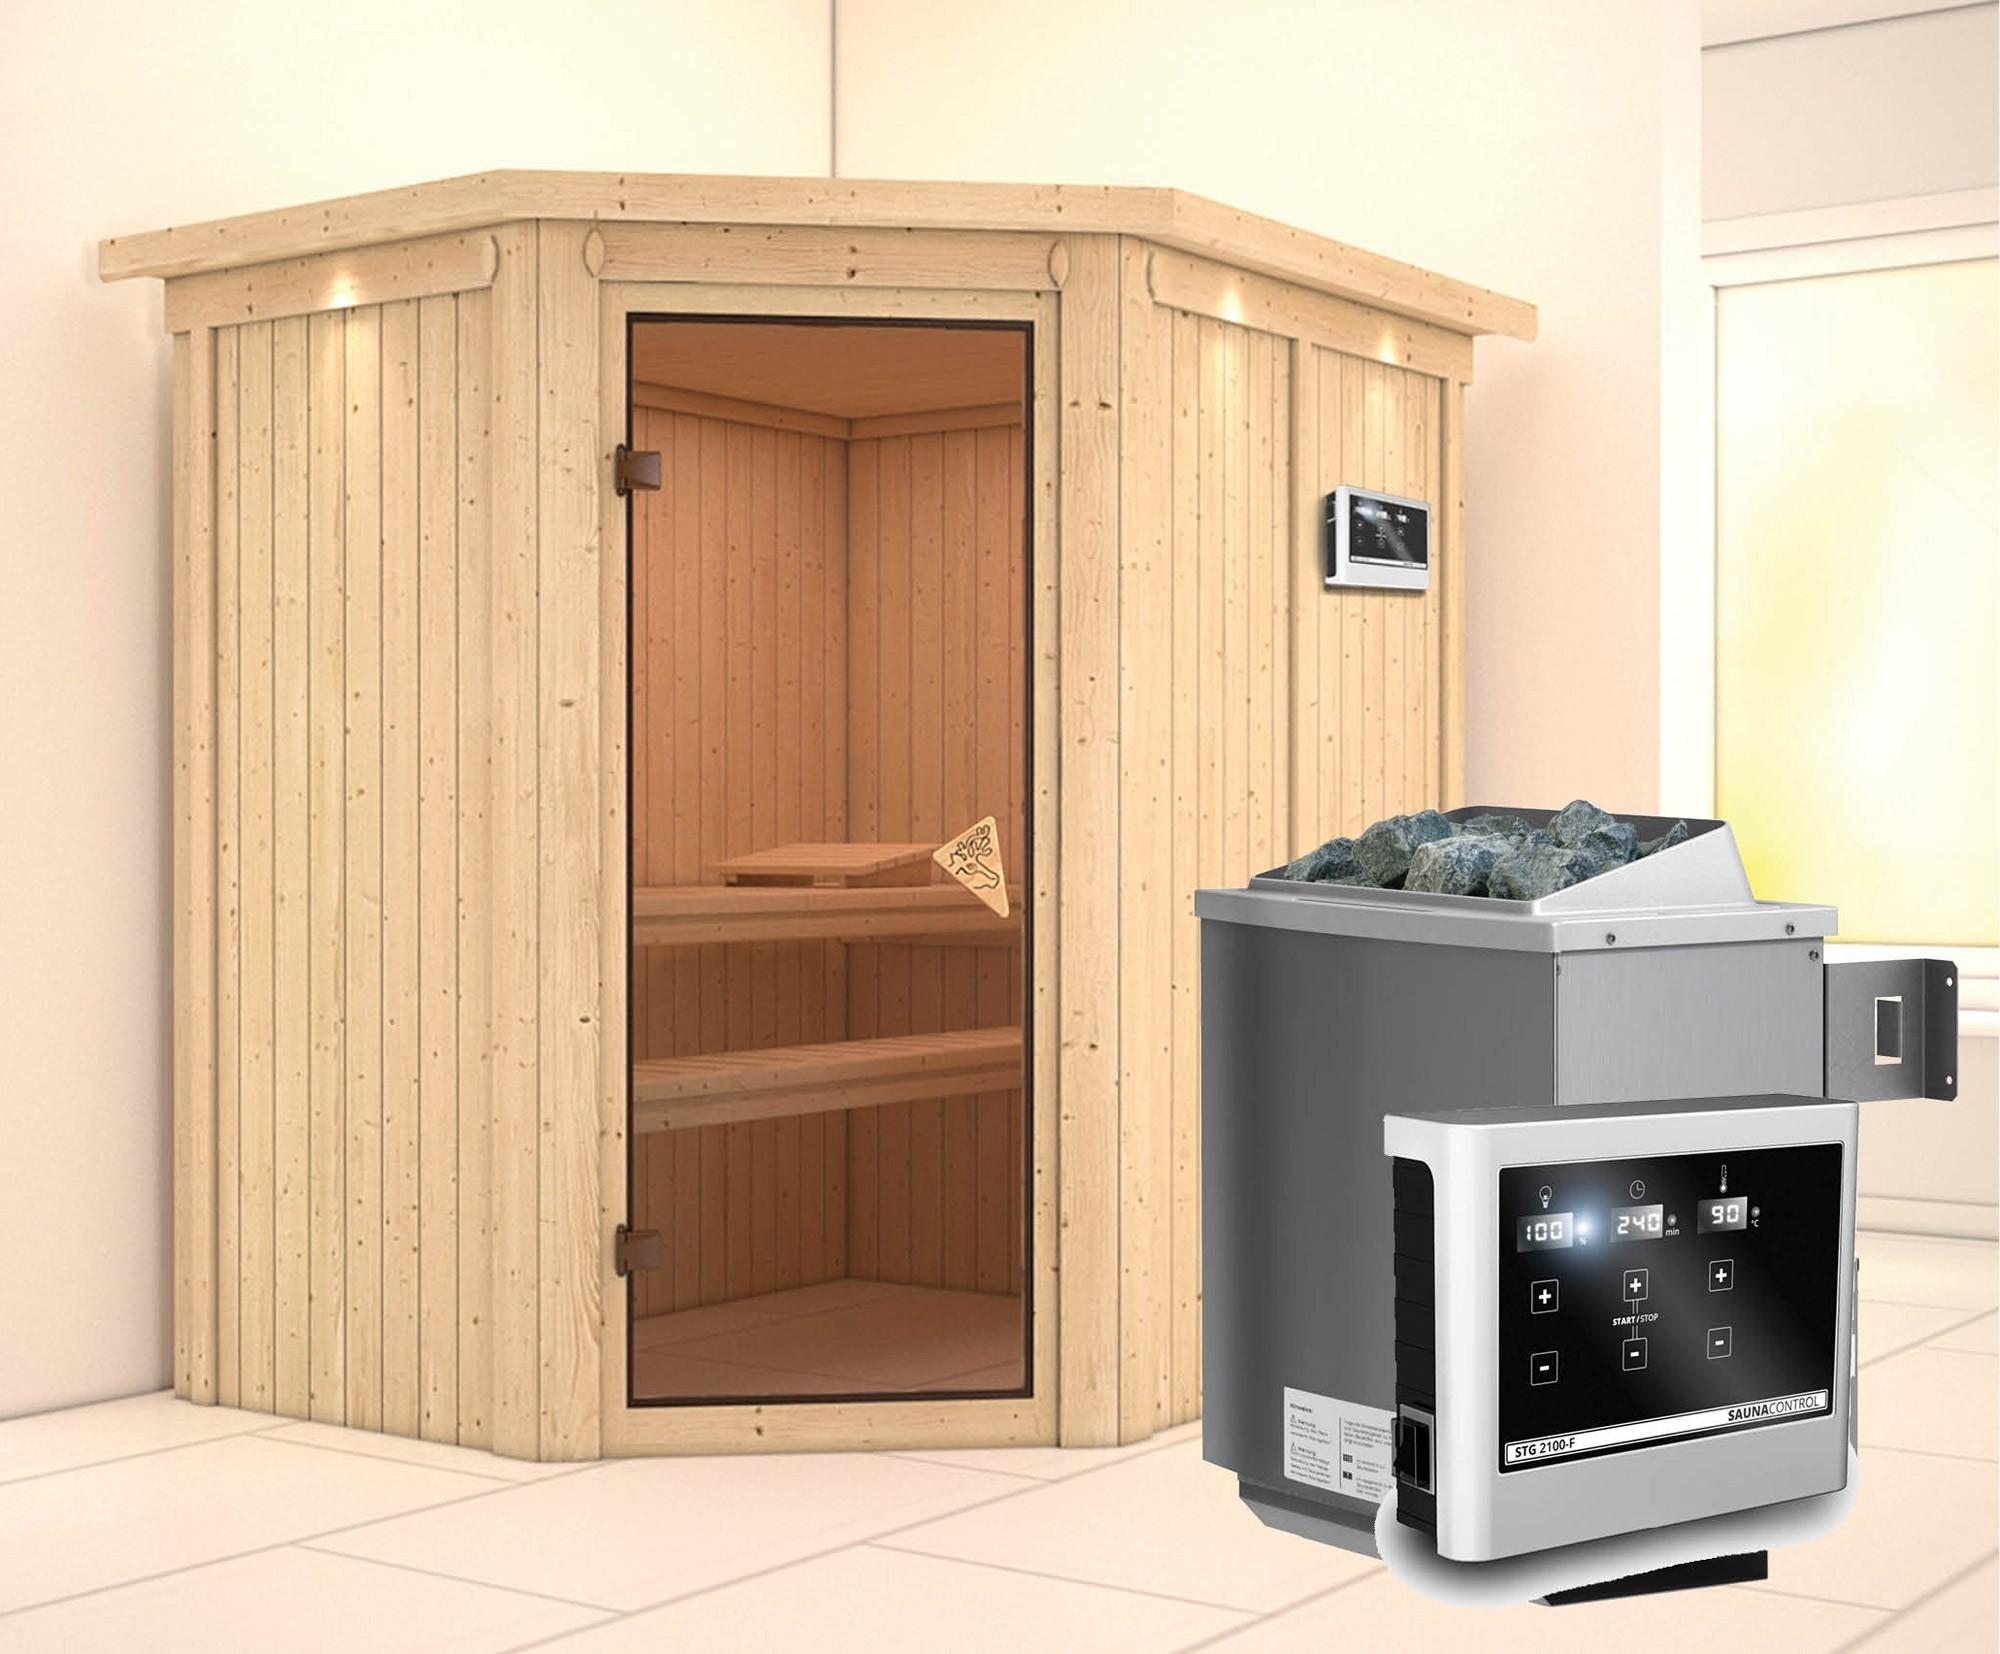 Karibu Sauna Carin 68mm Dachkranz + Ofen 9kW extern classic Tür Bild 1